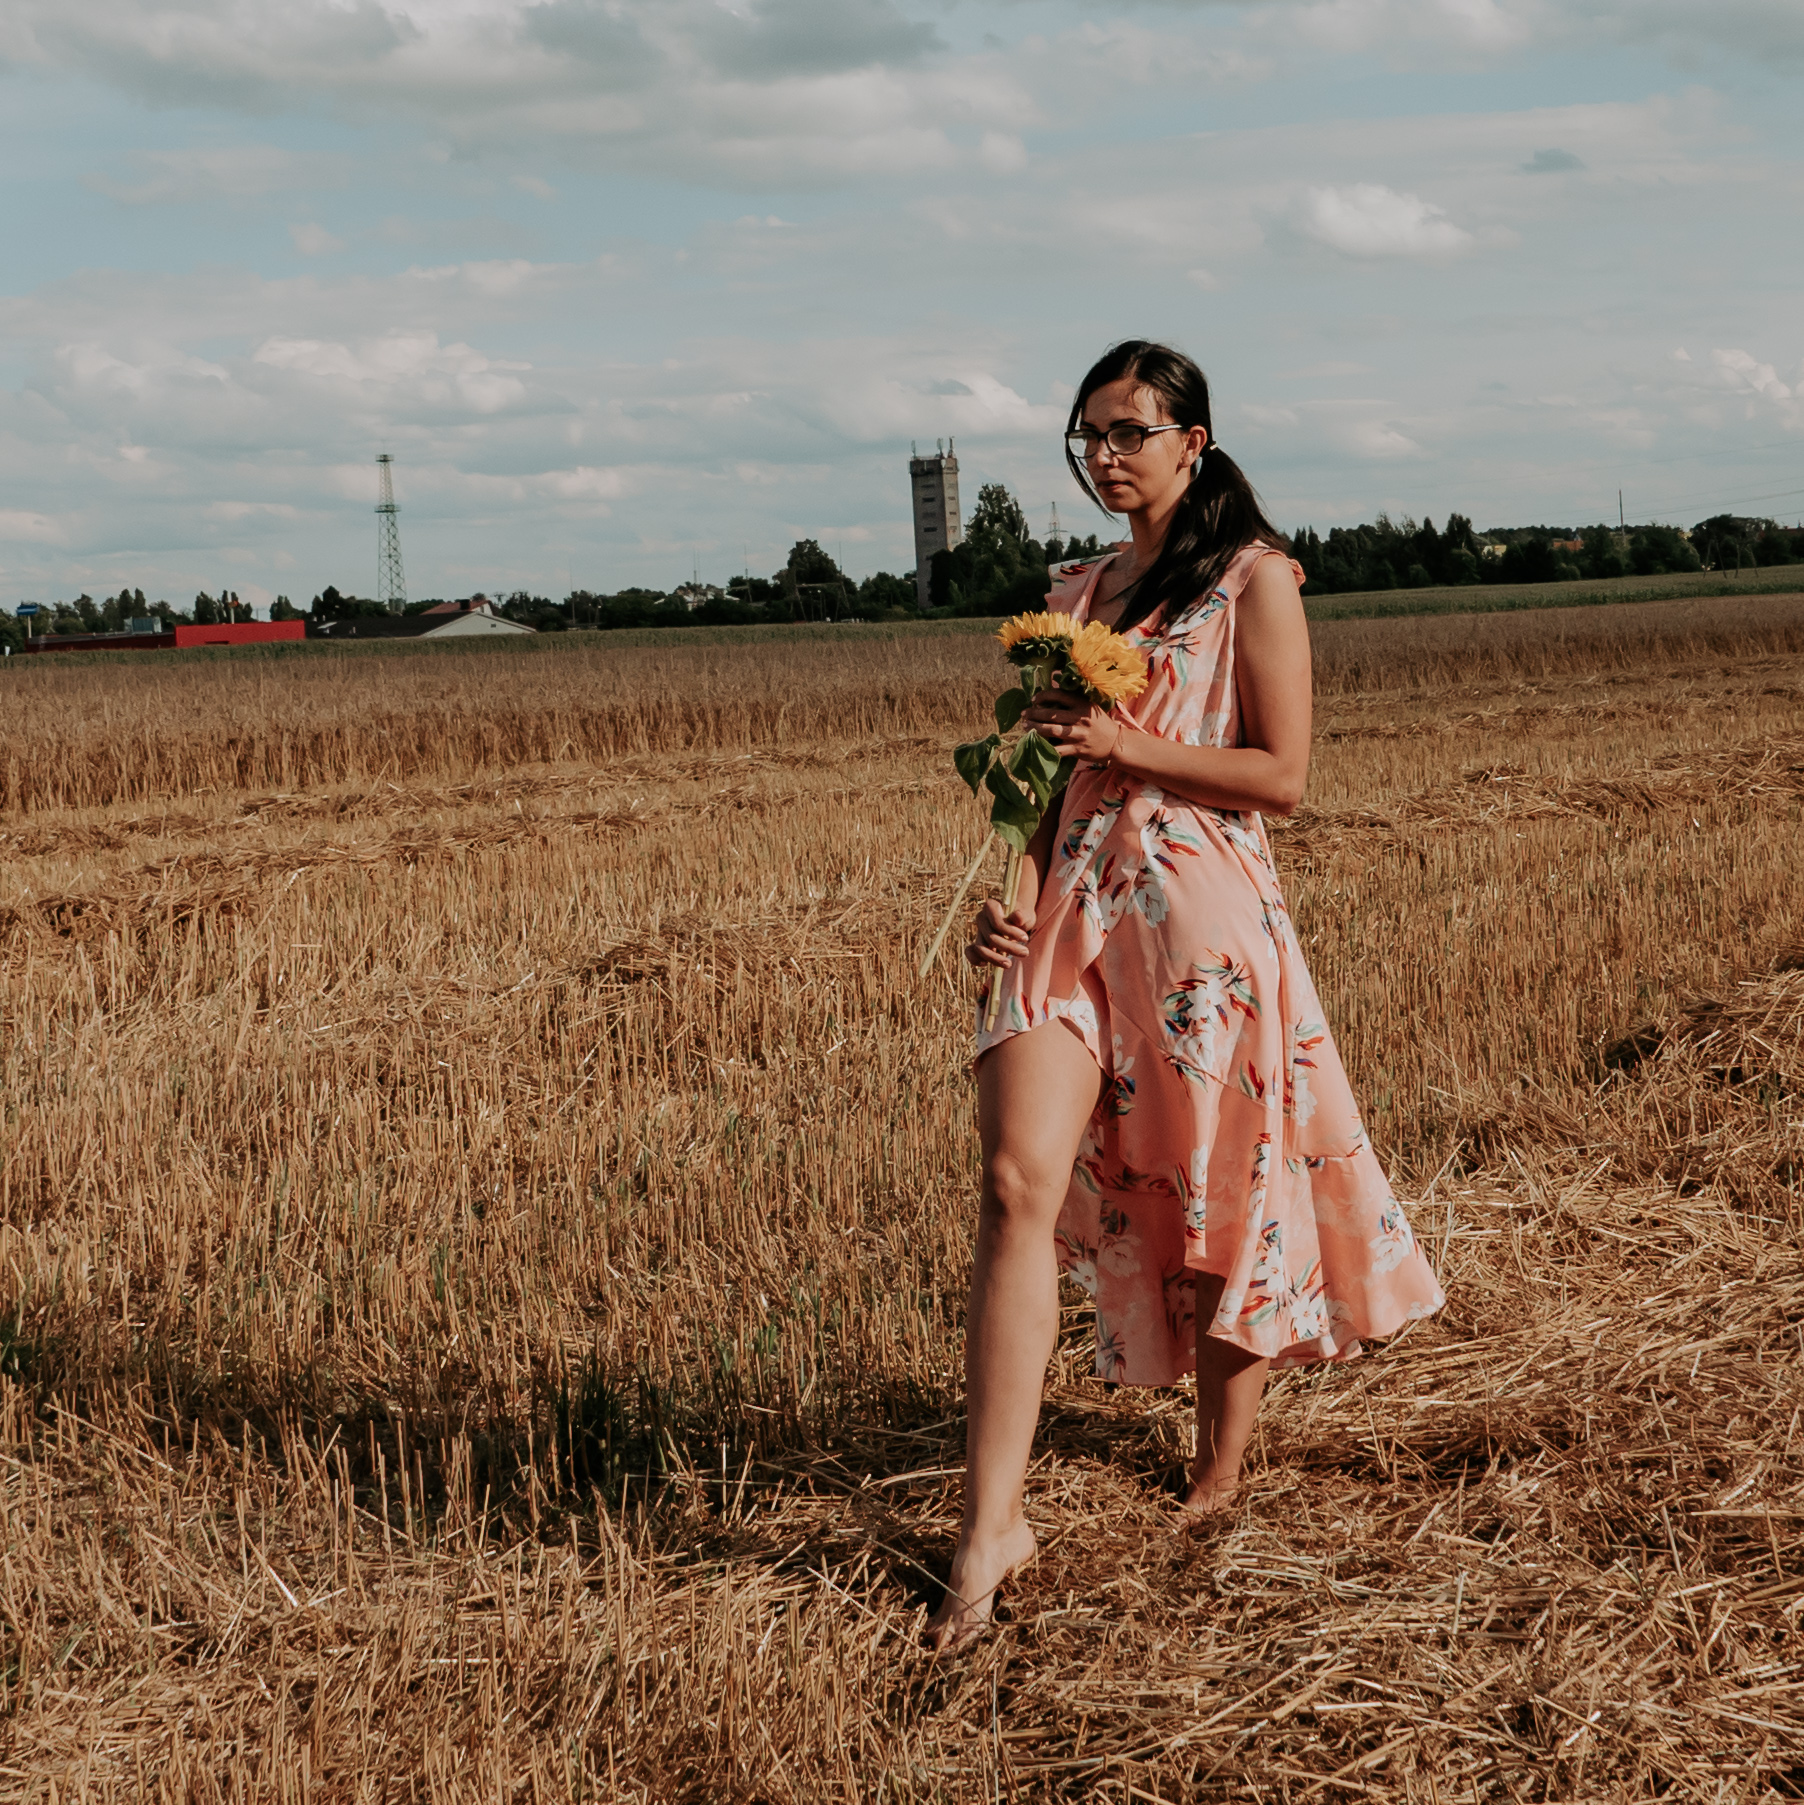 Sukienka powiewająca na wietrze